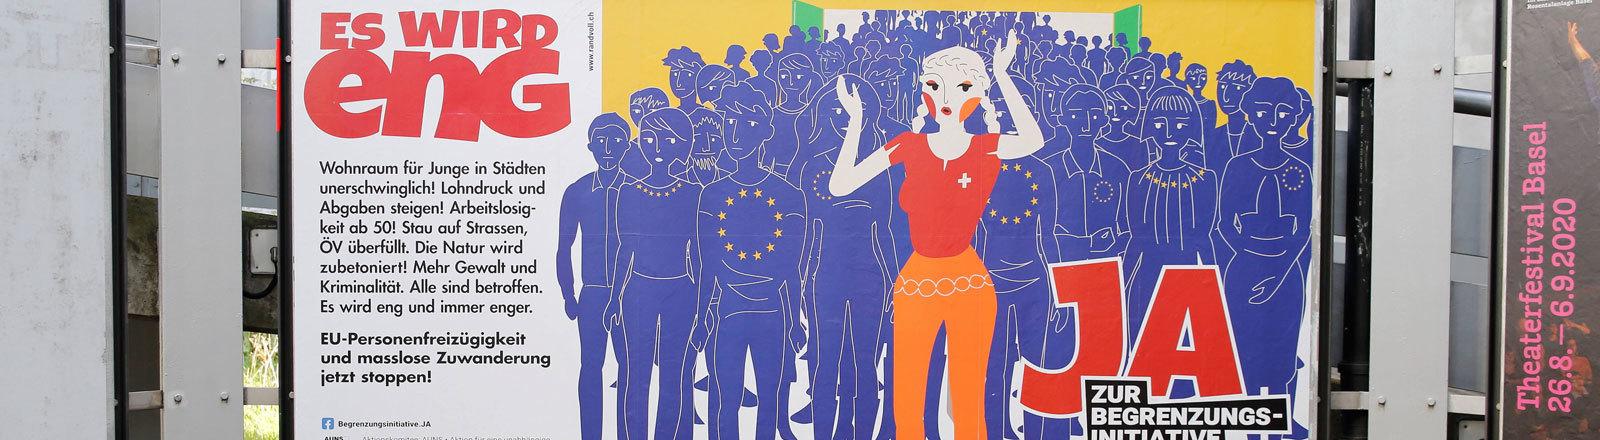 Ein Plakat, das für die Begrenzungsinitiative wirbt.